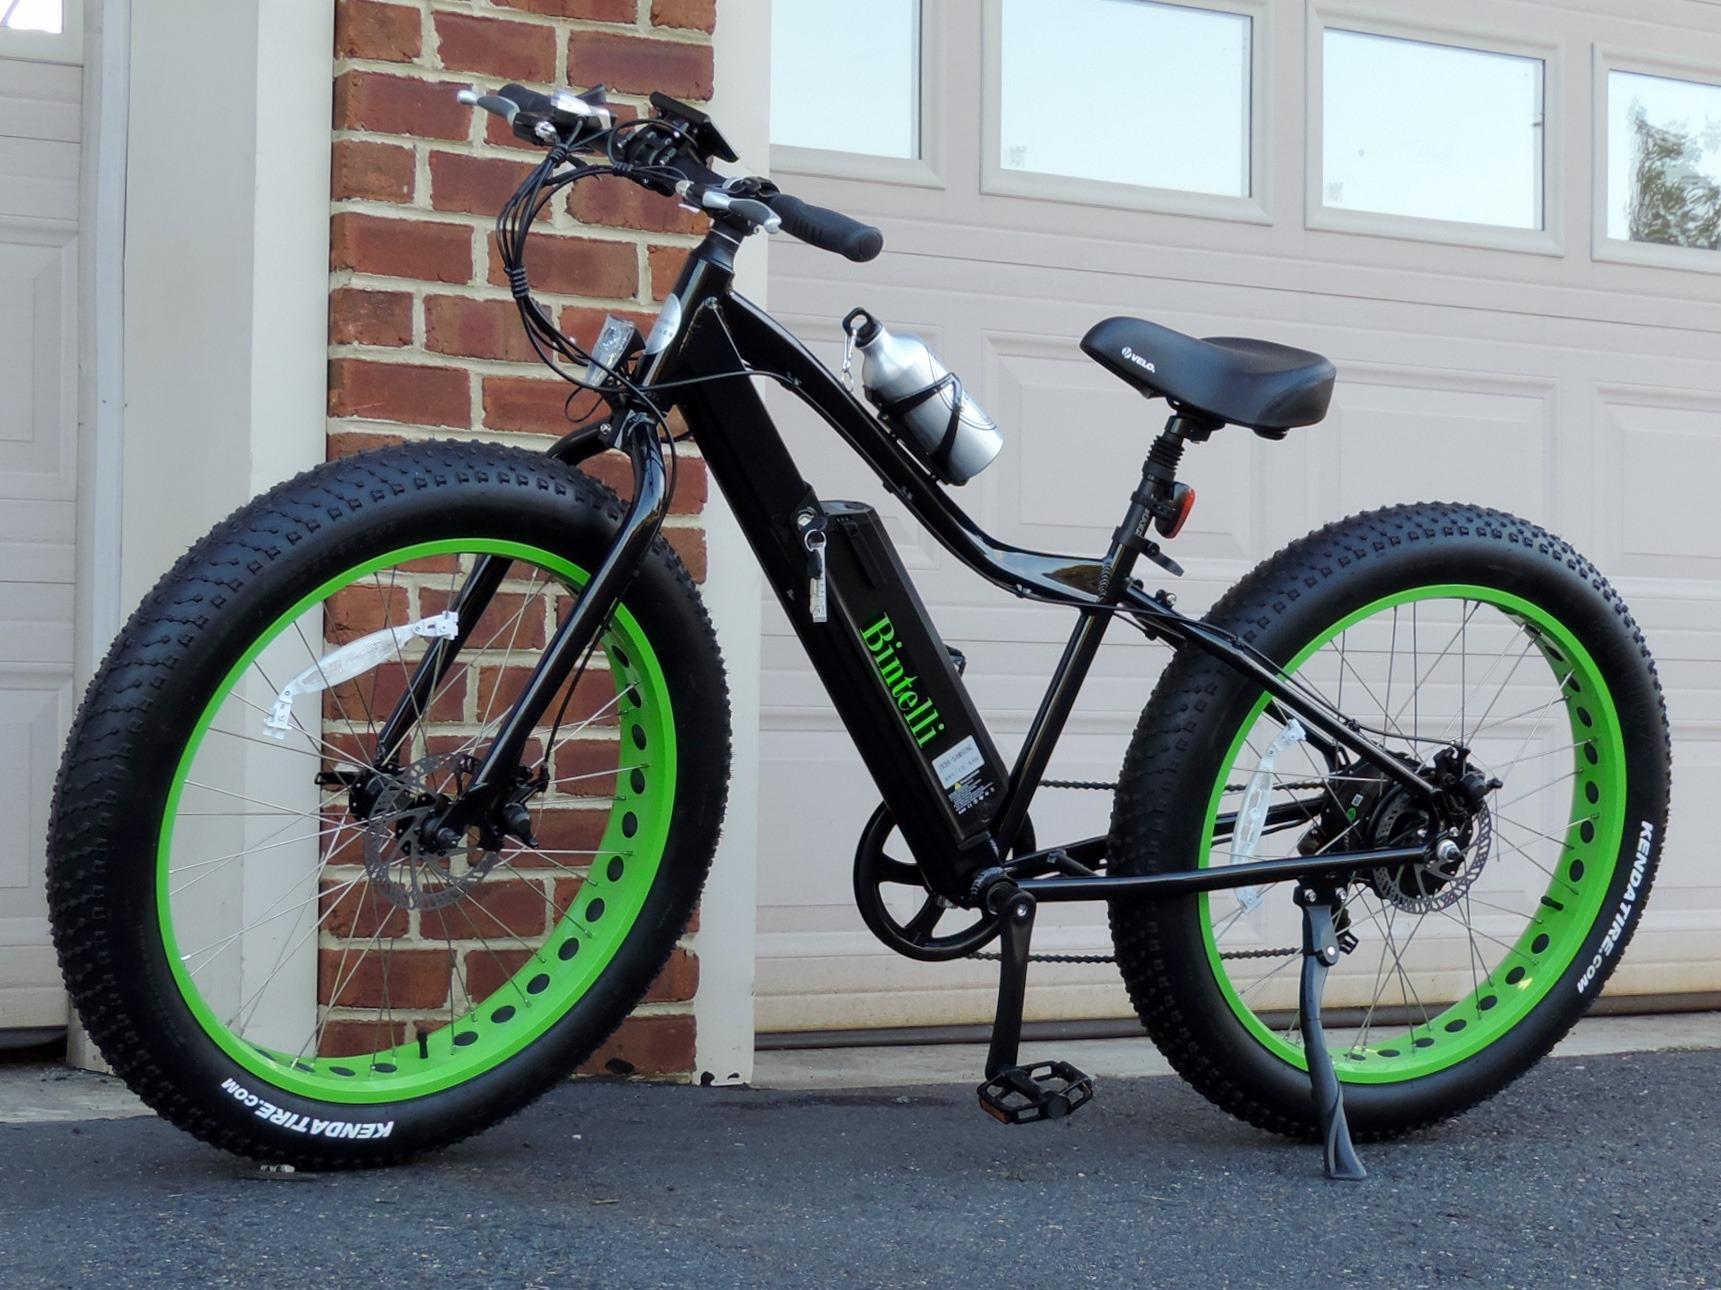 New 2019 Bintelli M1 Electric Fat Tire Bike | Edgewater Park, NJ